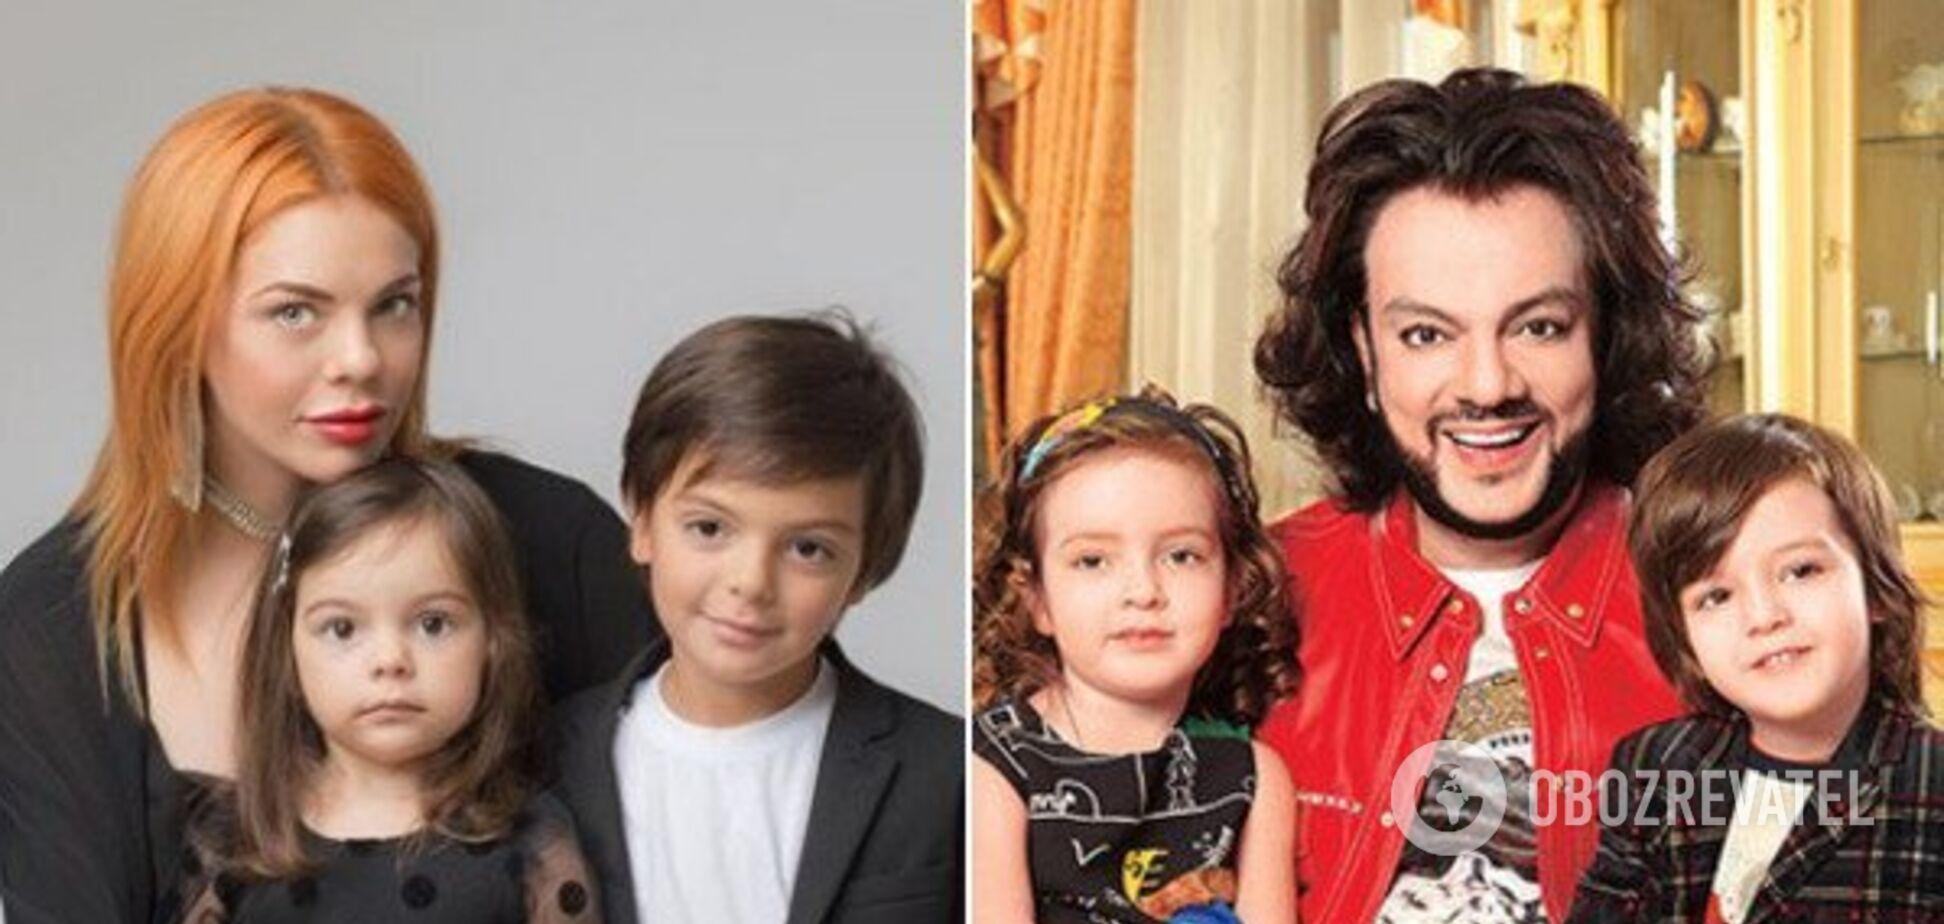 Как две капли воды: названо топ-3 сходства между детьми Киркорова и Стоцкой